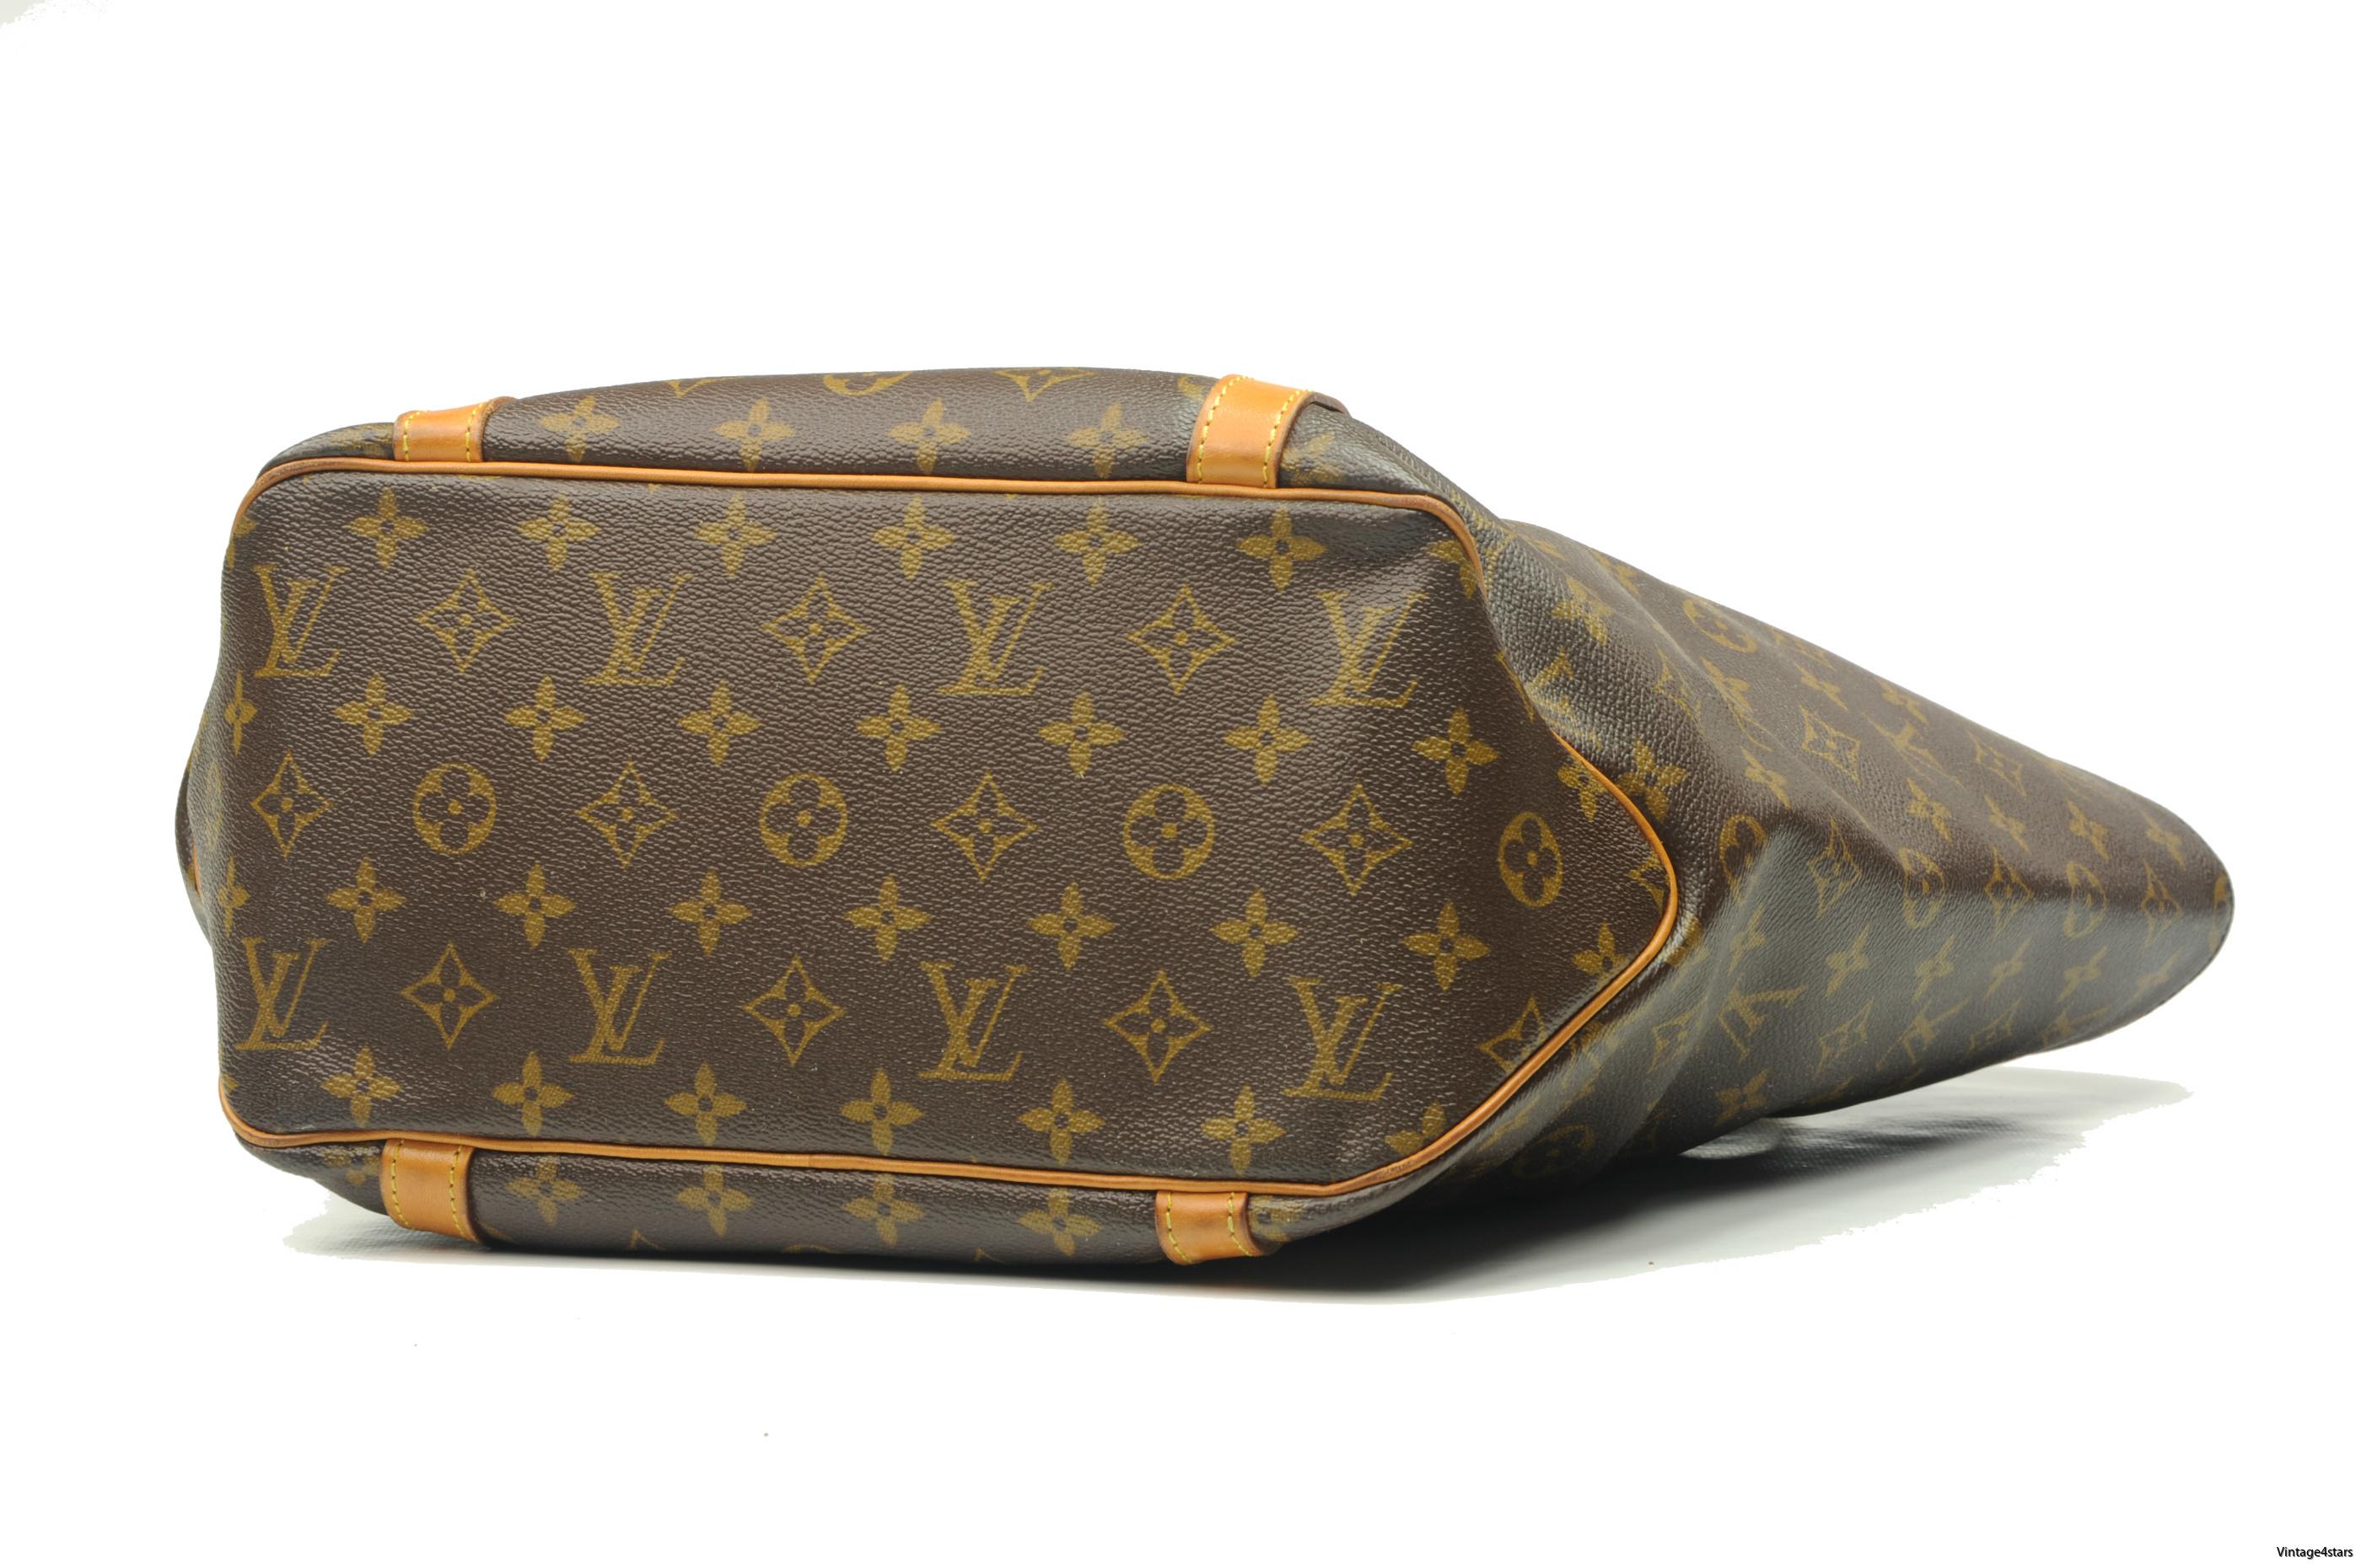 Louis Vuitton Sac Shopping 5a